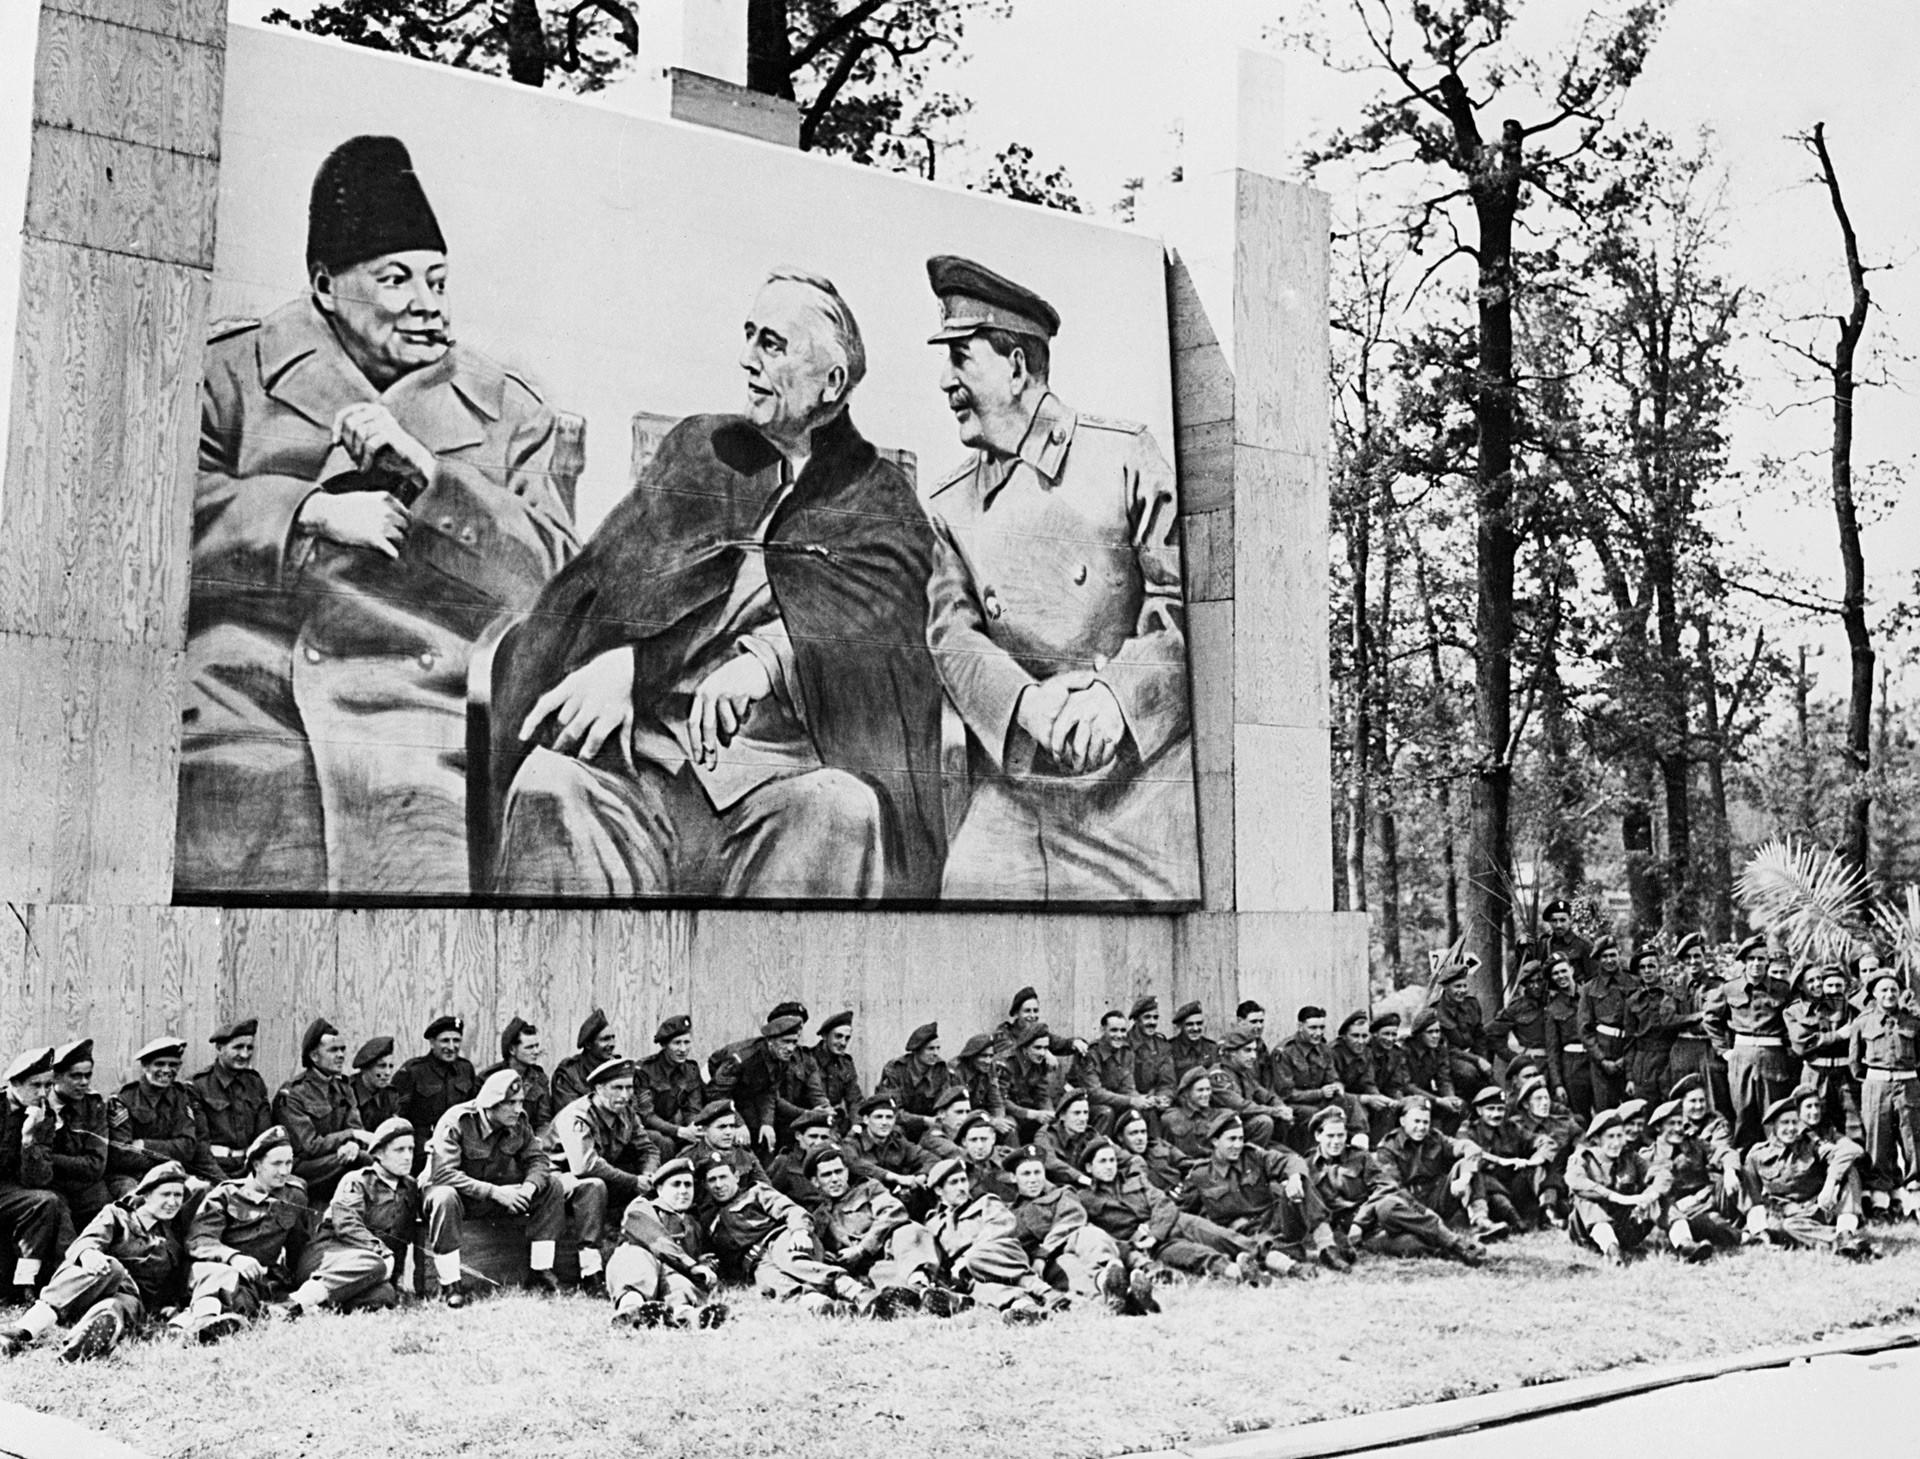 Tropas británicas participantes en el desfile de la victoria aliada en Berlín descansan bajo un gran cartel con Churchill, Roosevelt y Stalin en Yalta. Poco después de la victoria, las relaciones entre los aliados empeoraron de nuevo.